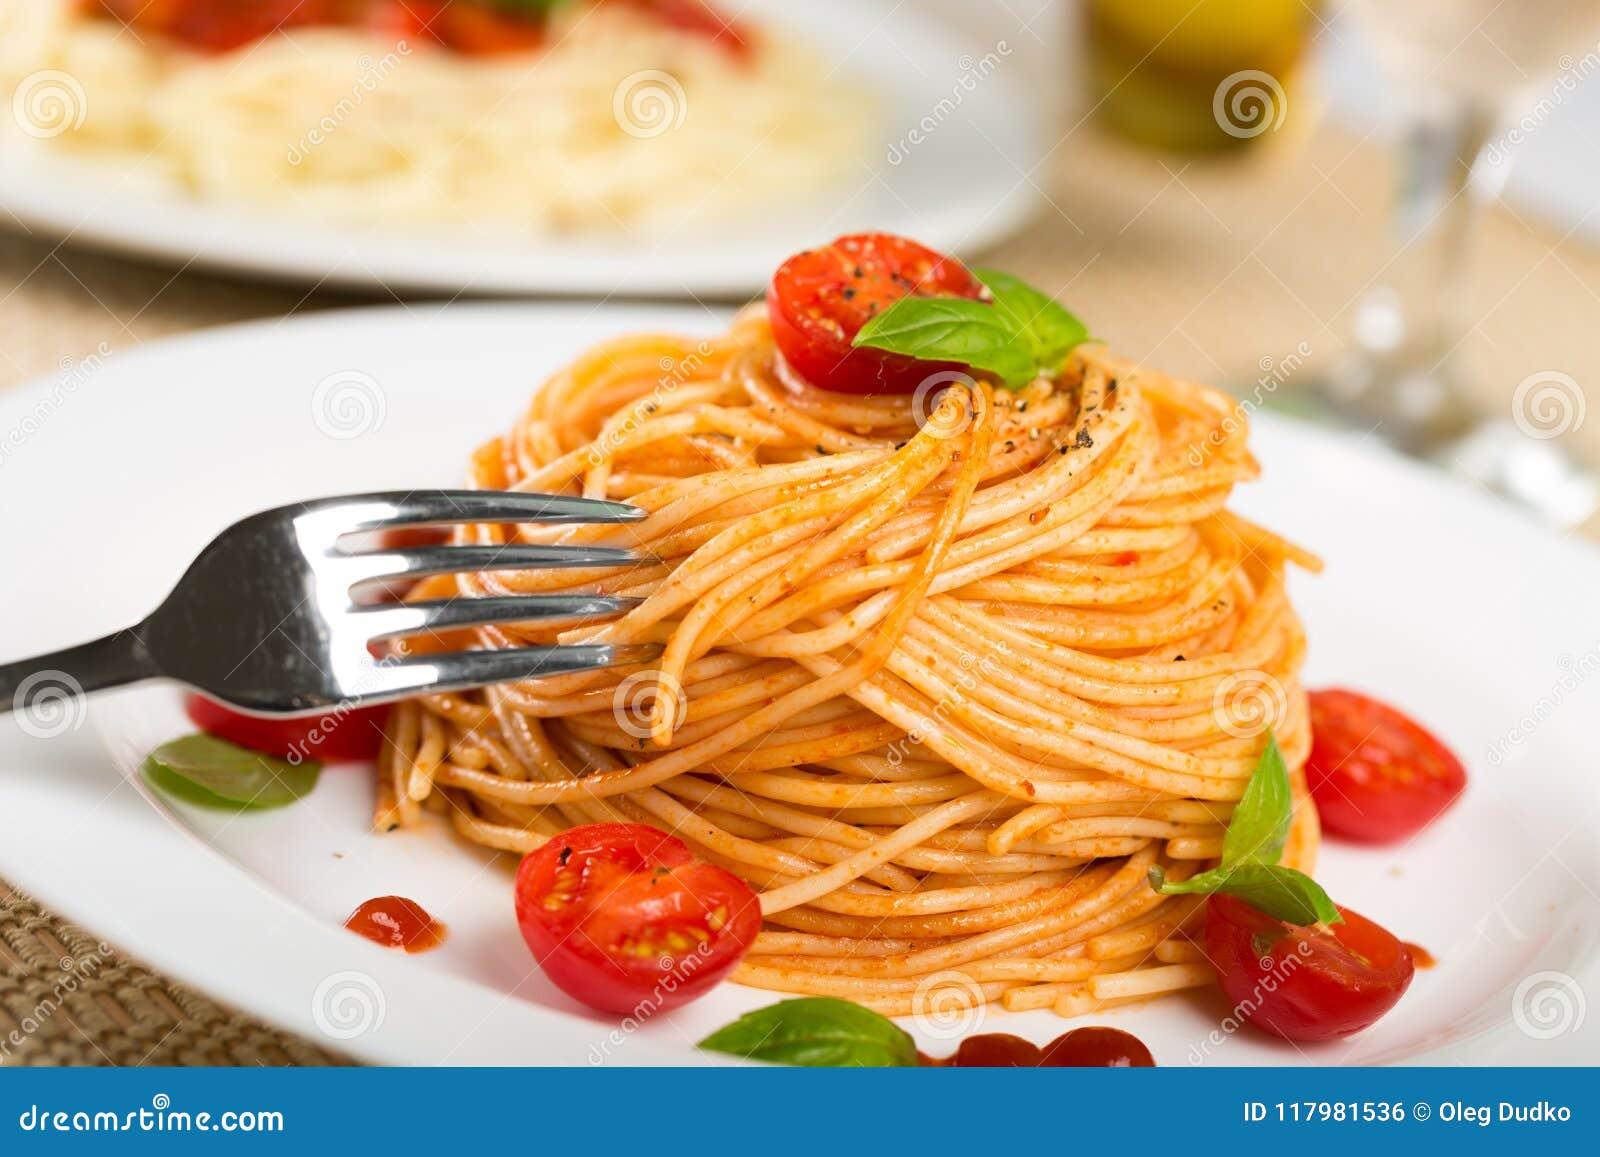 Download Spaghetti fotografia stock. Immagine di gastronomy, pasto - 117981536